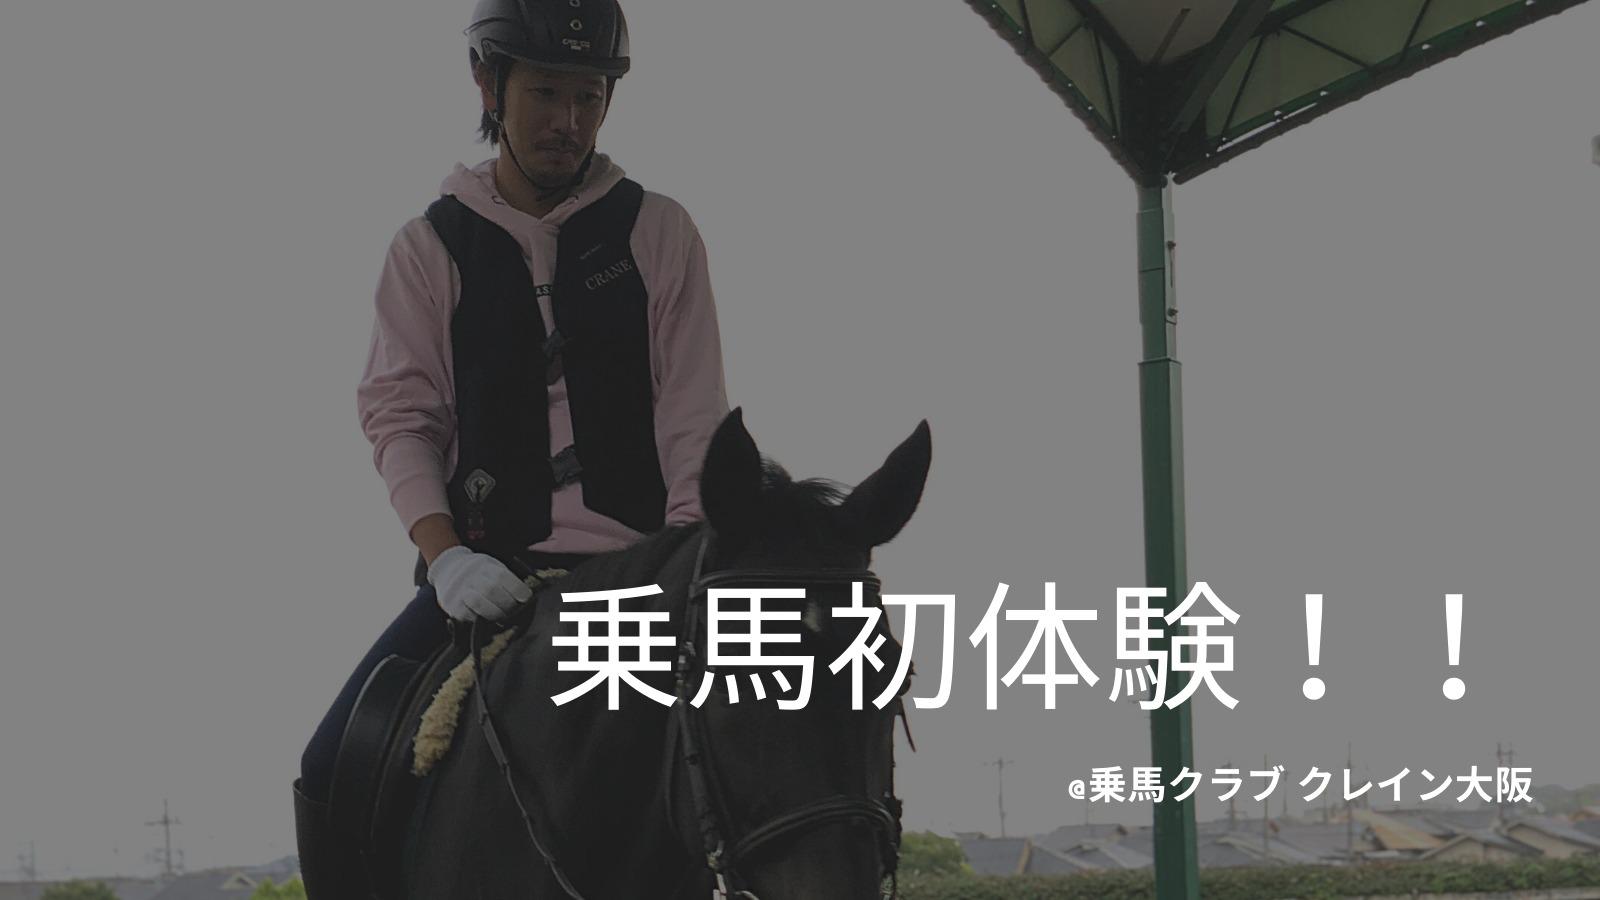 初めて馬に乗ってきた@乗馬クラブ クレイン大阪